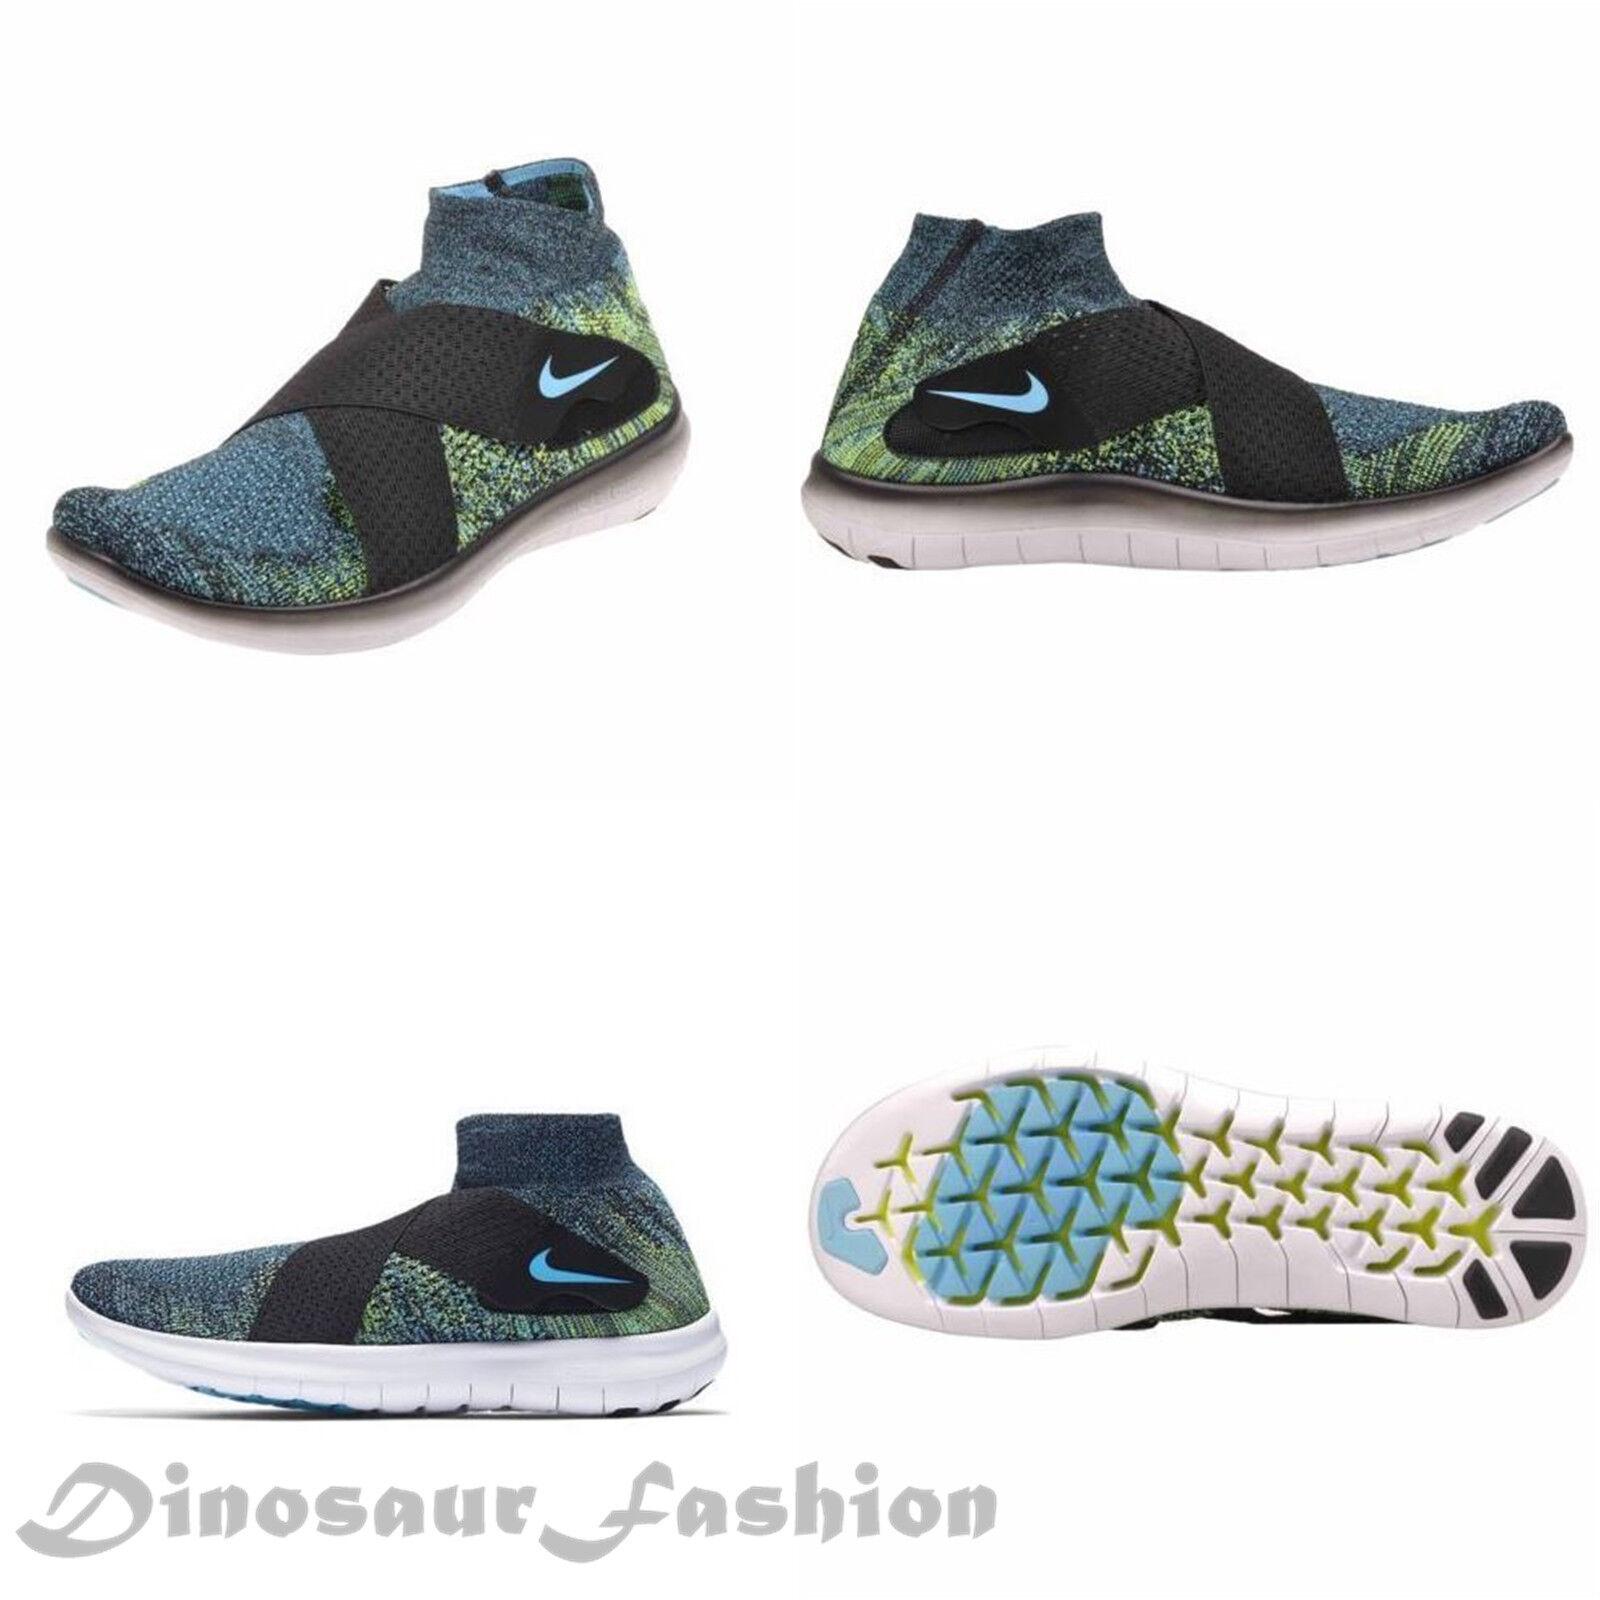 Nike libera rn proposta fk 2017 880845-007 uomini scarpe da corsa, di nuovo con box